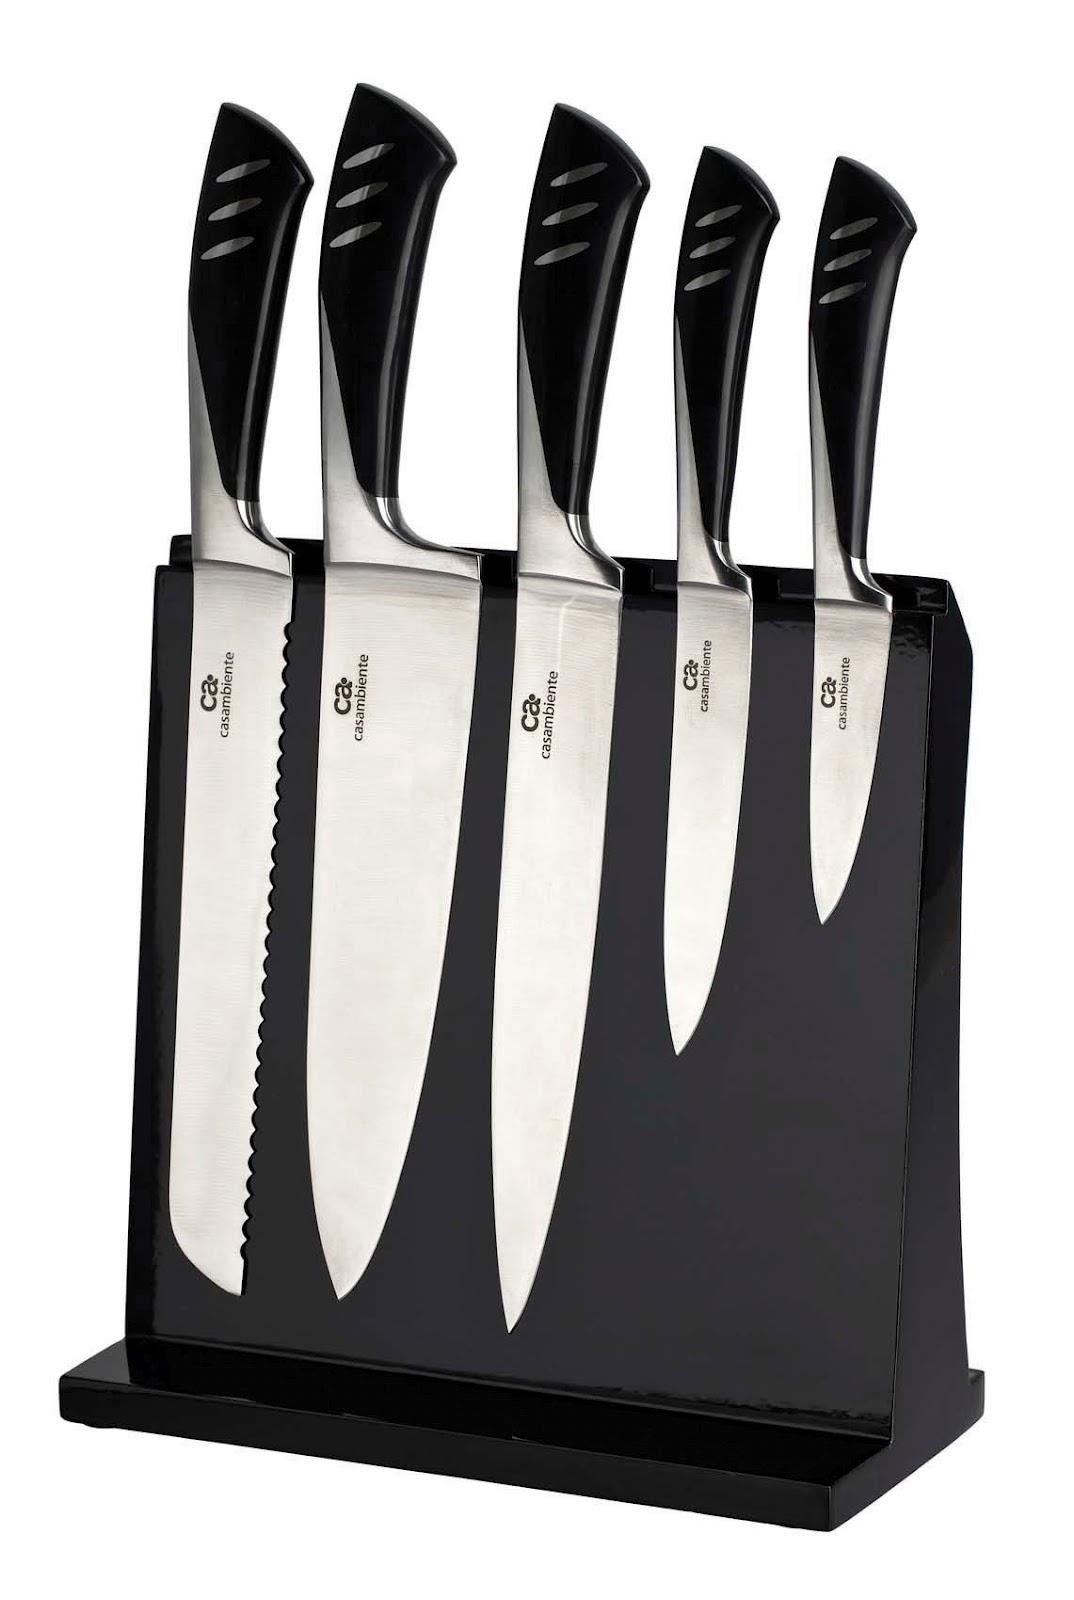 A moda agora são as facas de cerâmicas, não precisam afiar nunca e bem mais  leves que as tradicionais. Veja este cepo com 3 facas de cerâmica e um  cortador ... 4a97a72731